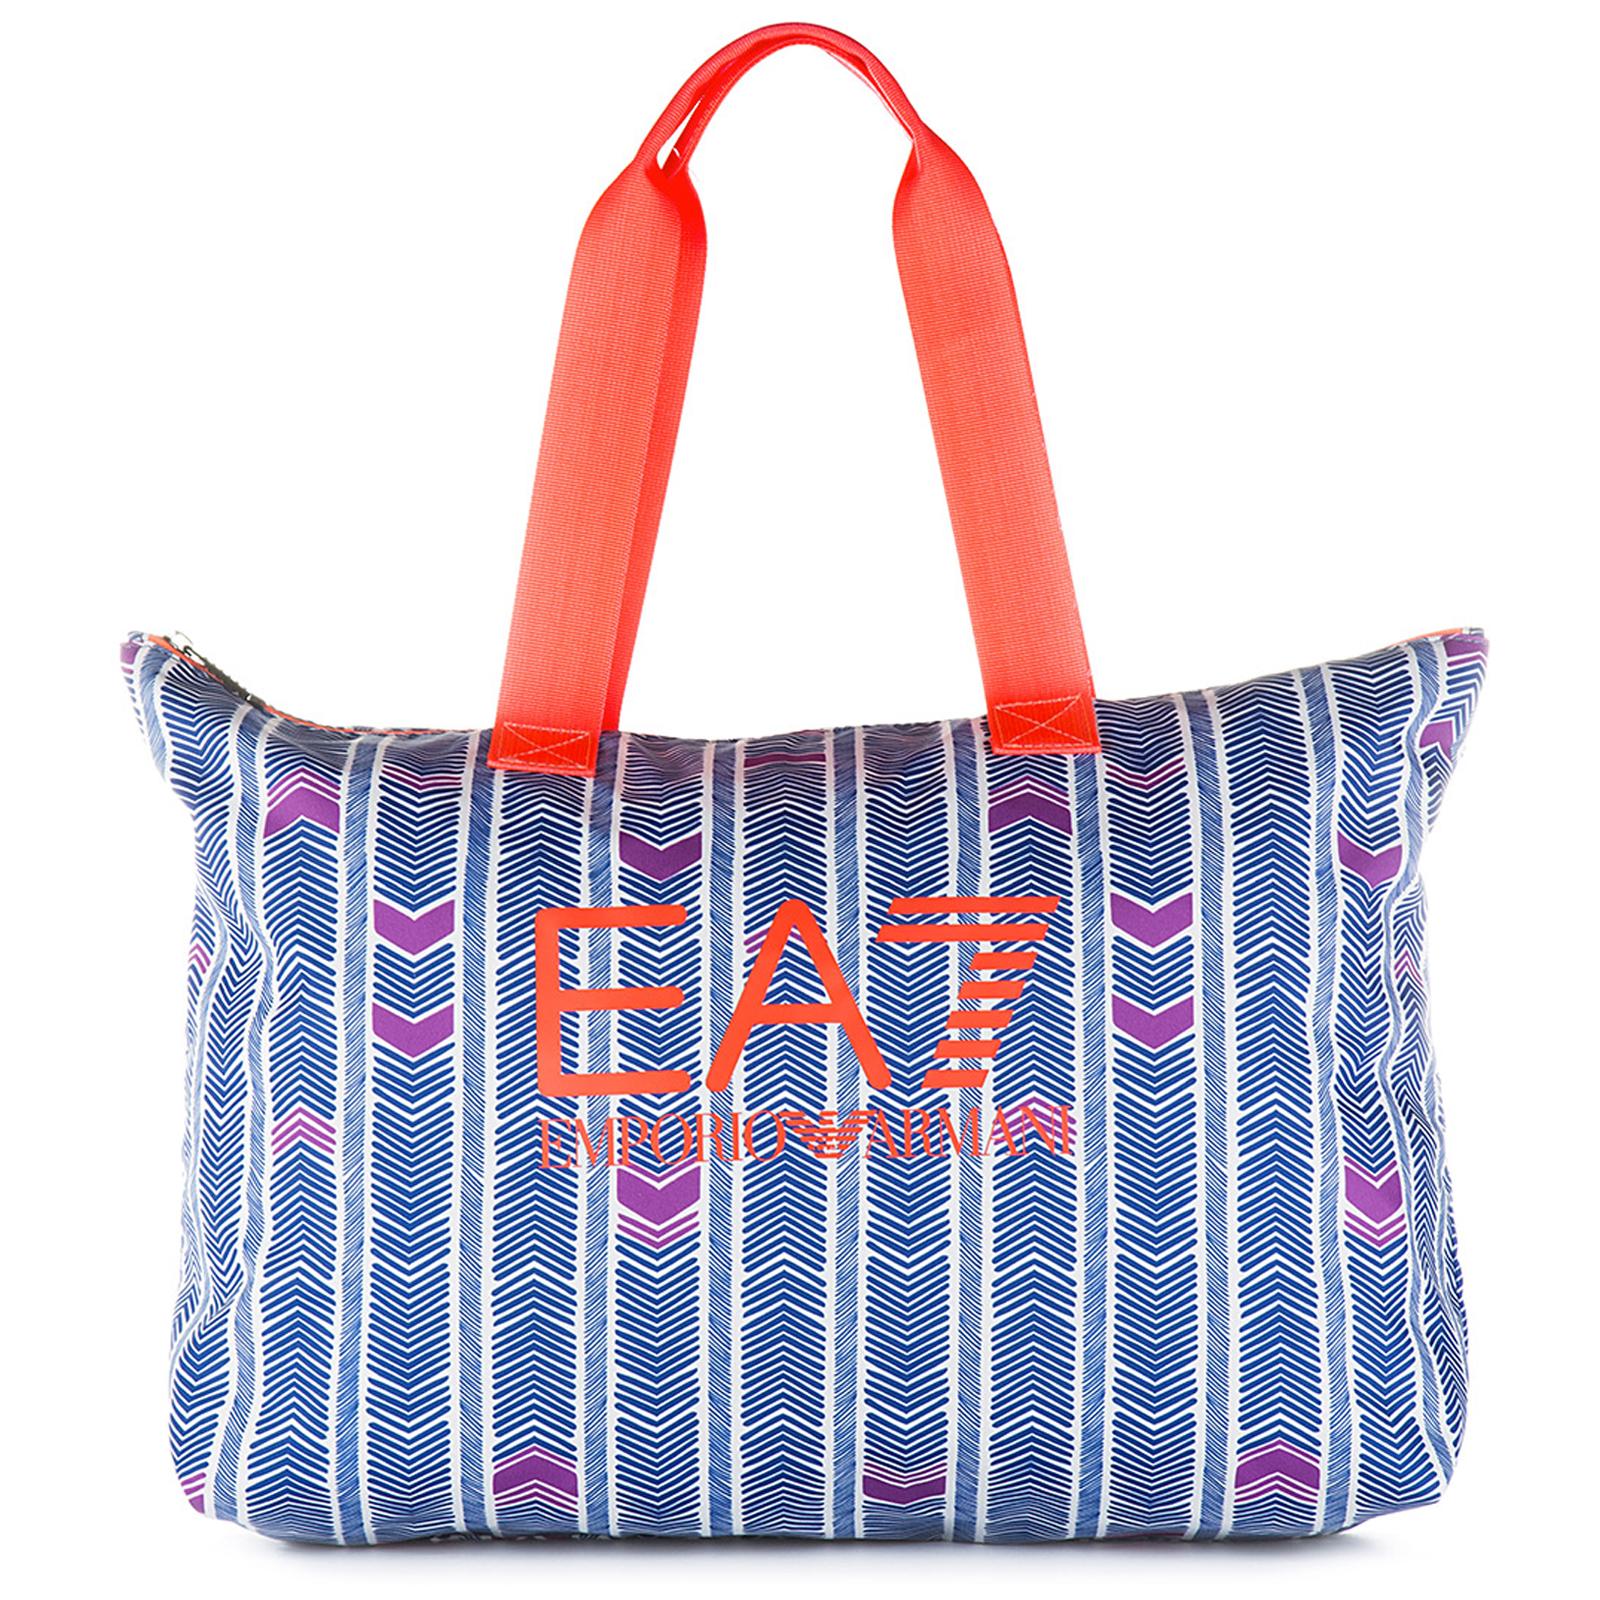 Nylon handtasche damen tasche damenhandtasche bag train graphic